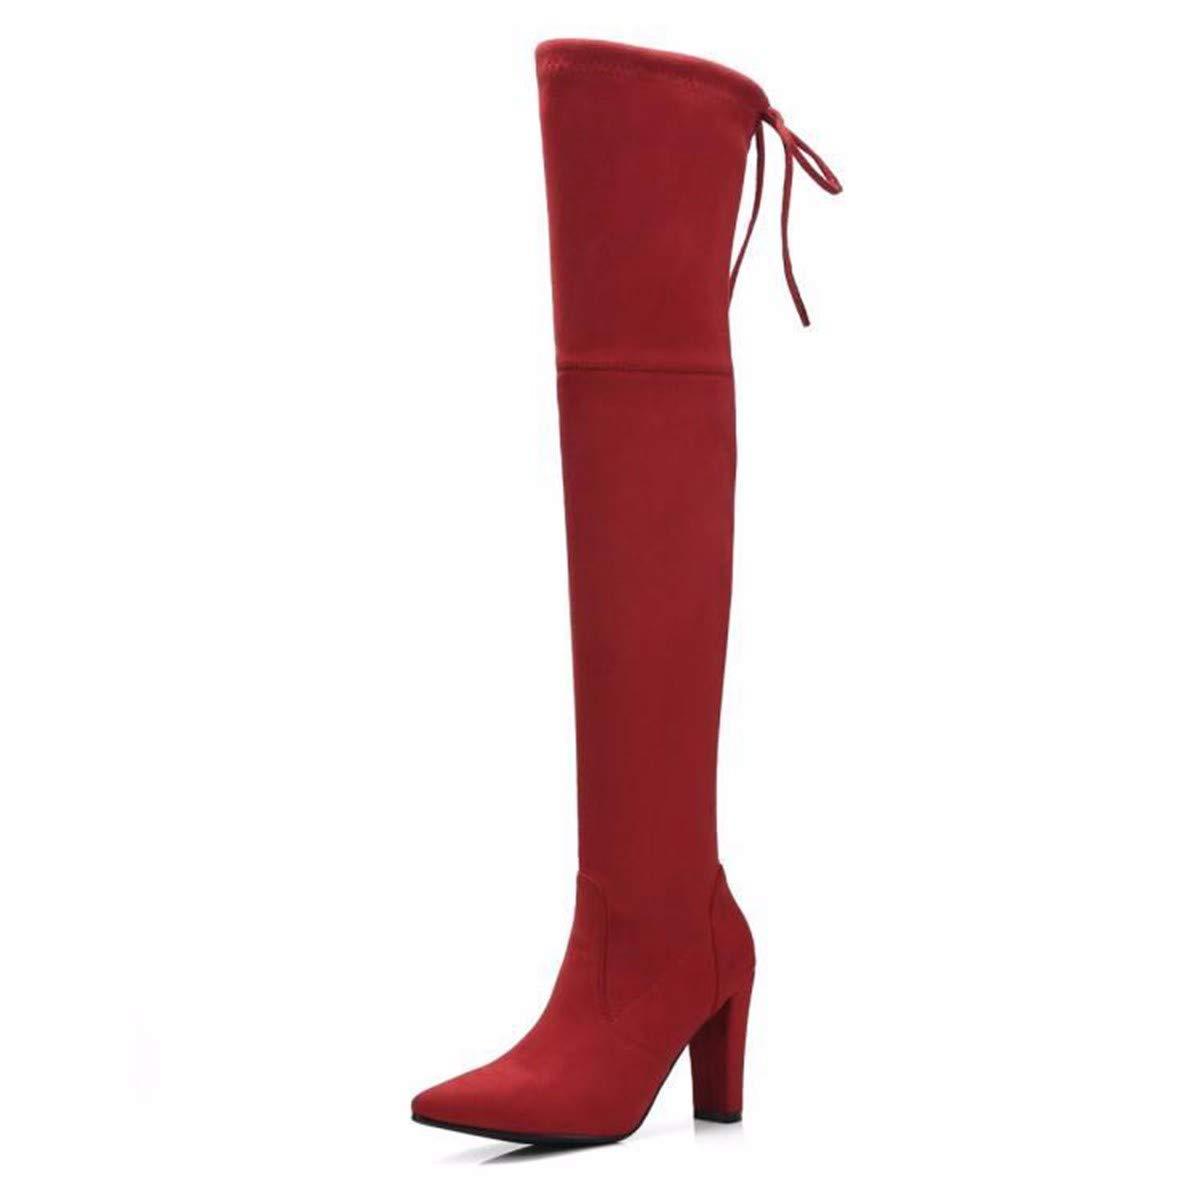 KPHY Damenschuhe Im Herbst und Winter Dick und Knie Stiefel 10 cm High Heels Elastische Stiefel High Flush Stiefel.39 des